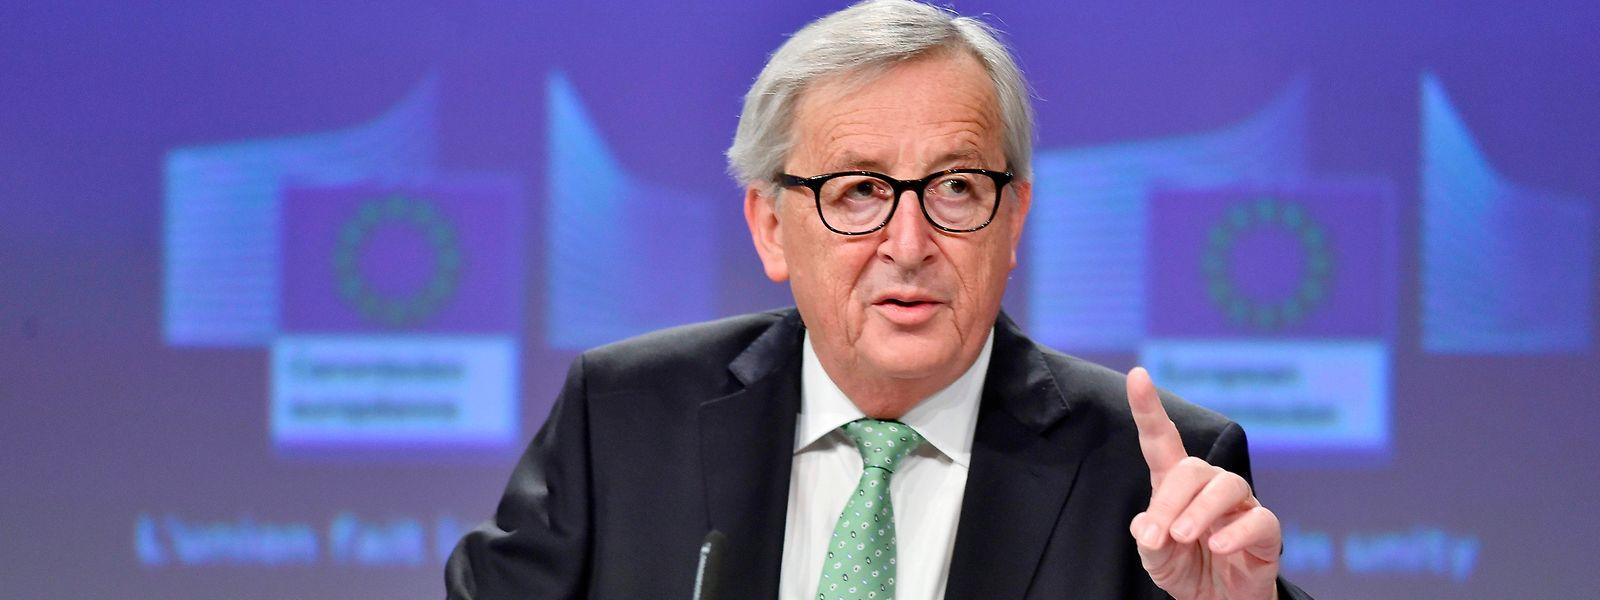 Le Président de la Commission européenne, Jean-Claude Juncker, quittera ses fonctions fin octobre prochain.